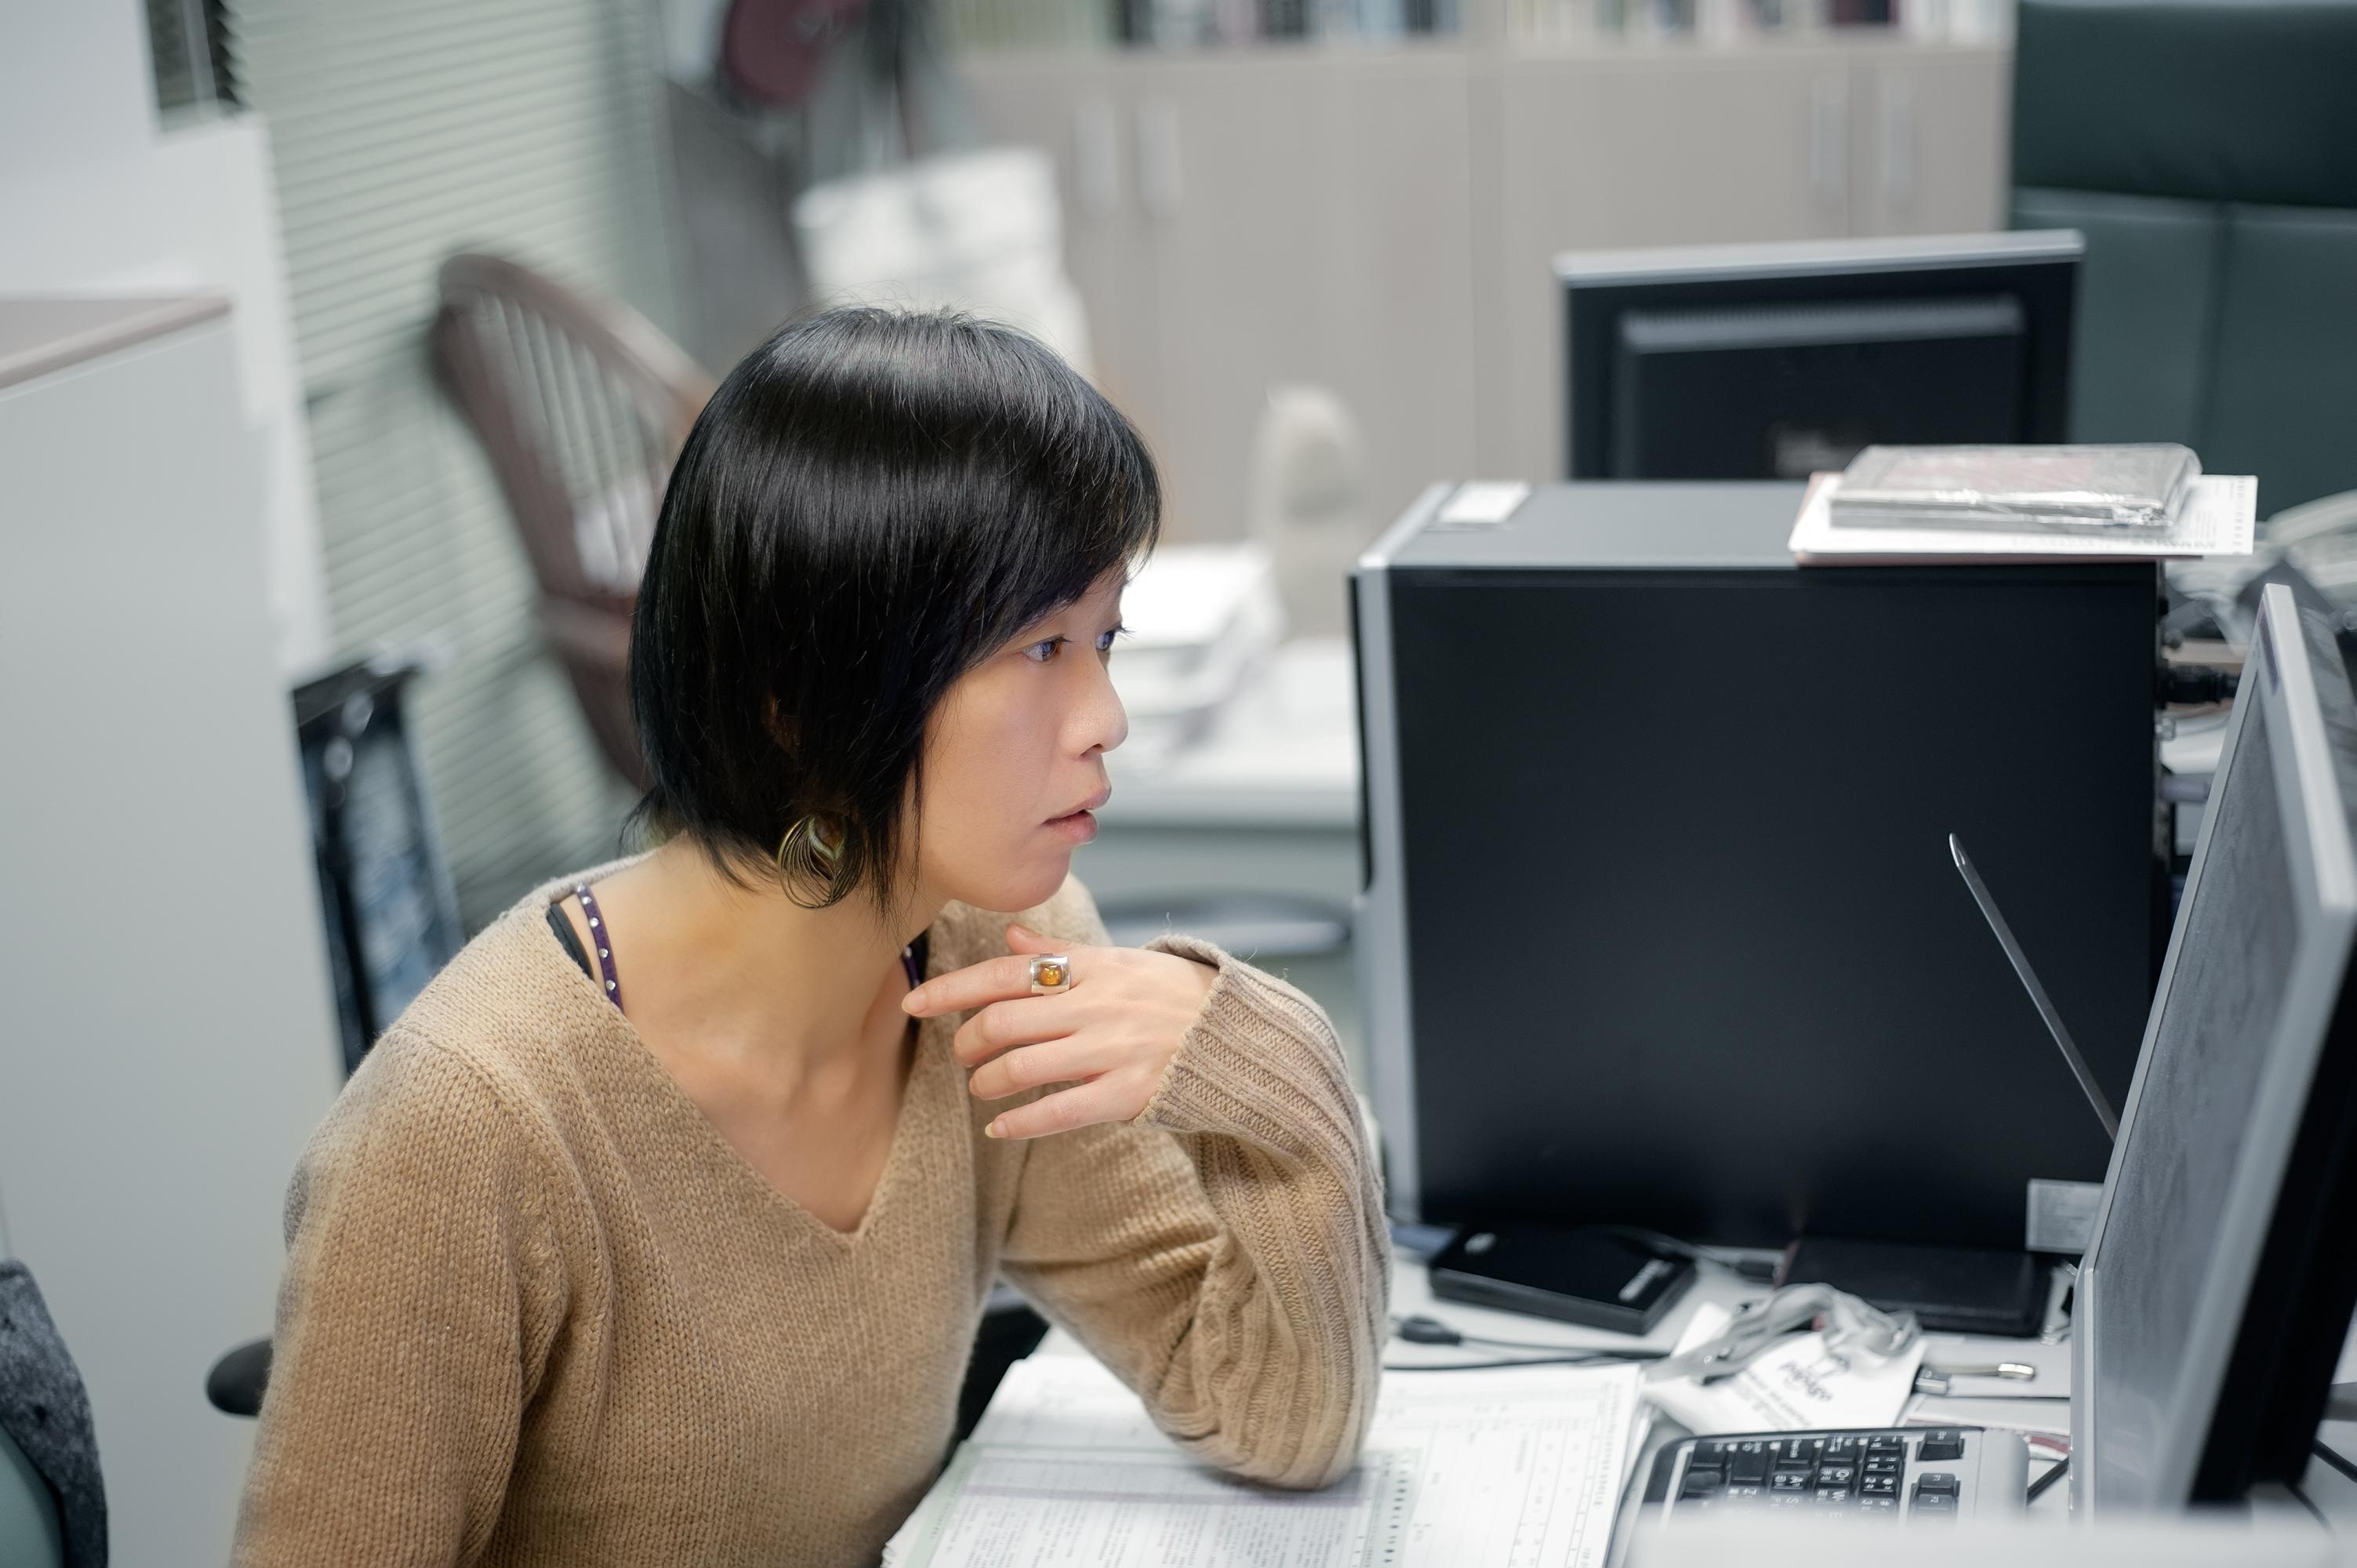 オンラインショップが「バーチャル口座」を利用するメリット